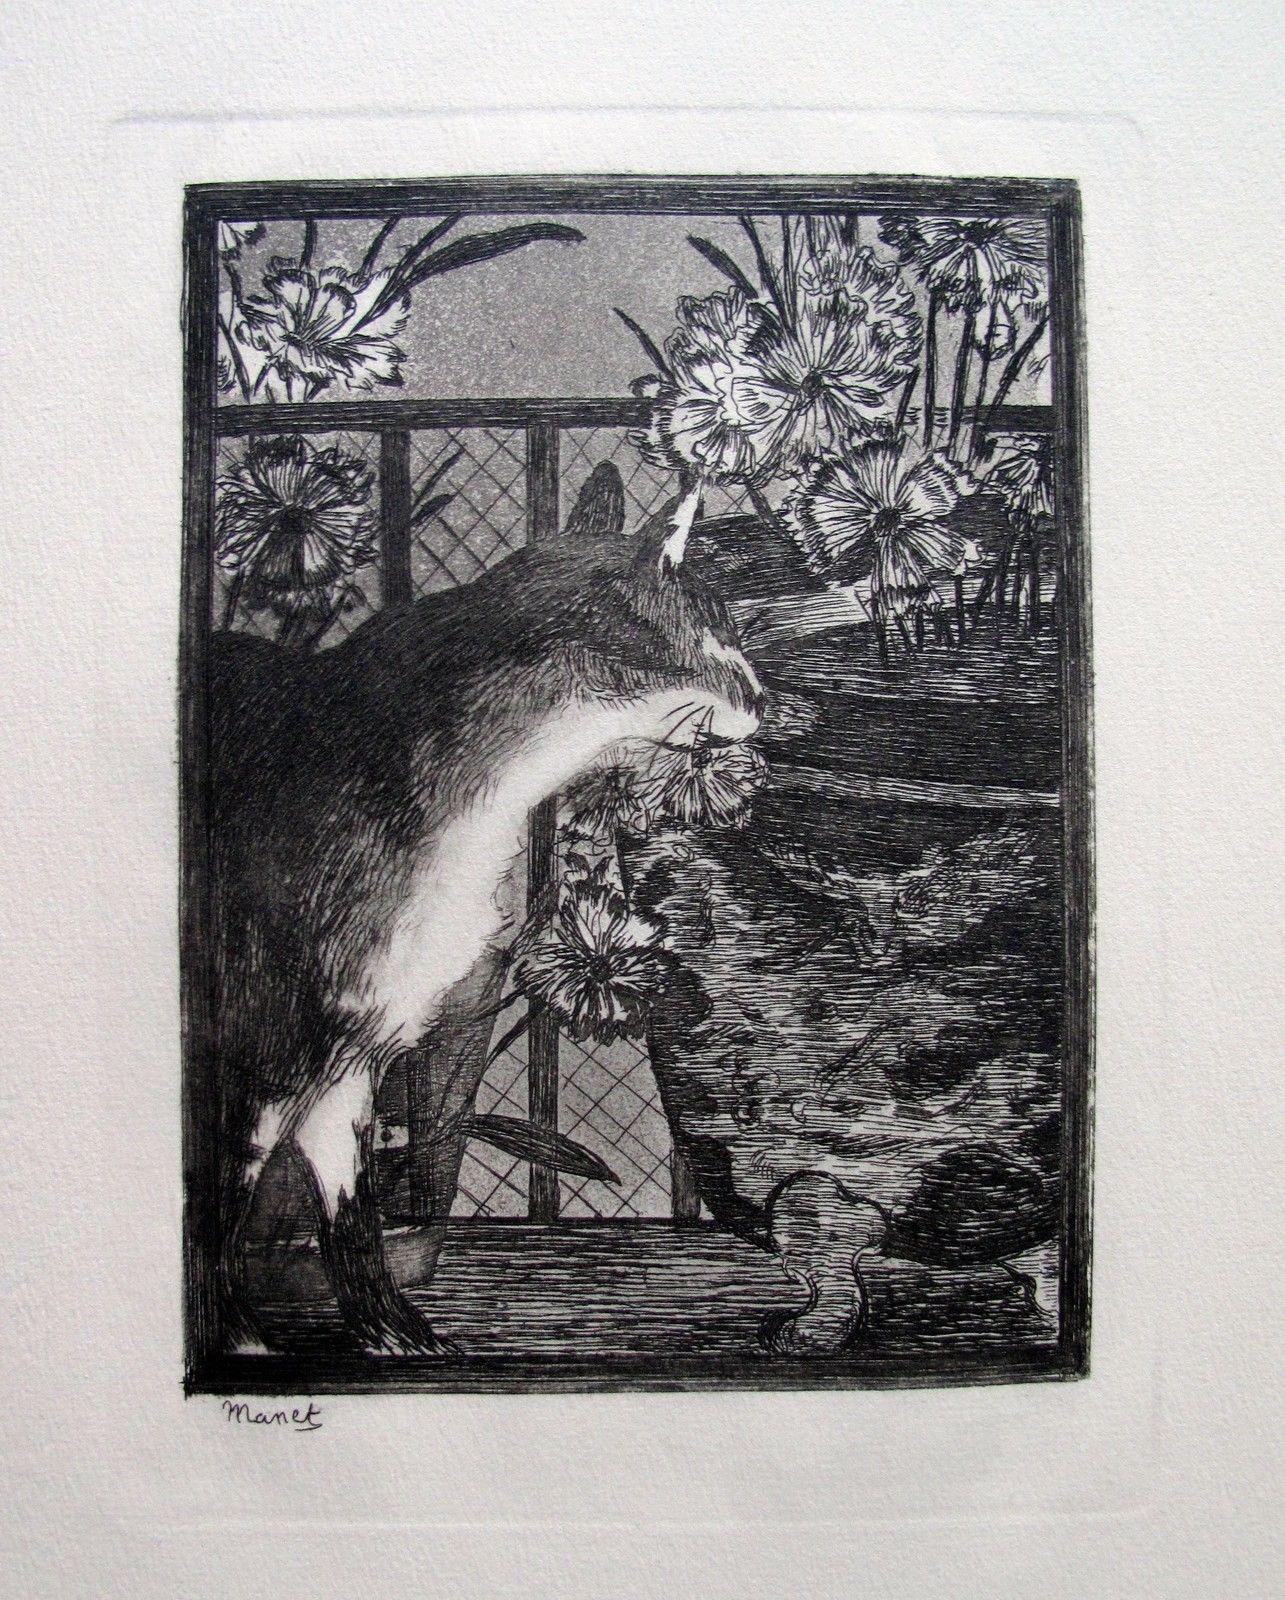 Edouard Manet LE CHAT AUX FLEURS Restrike Etching